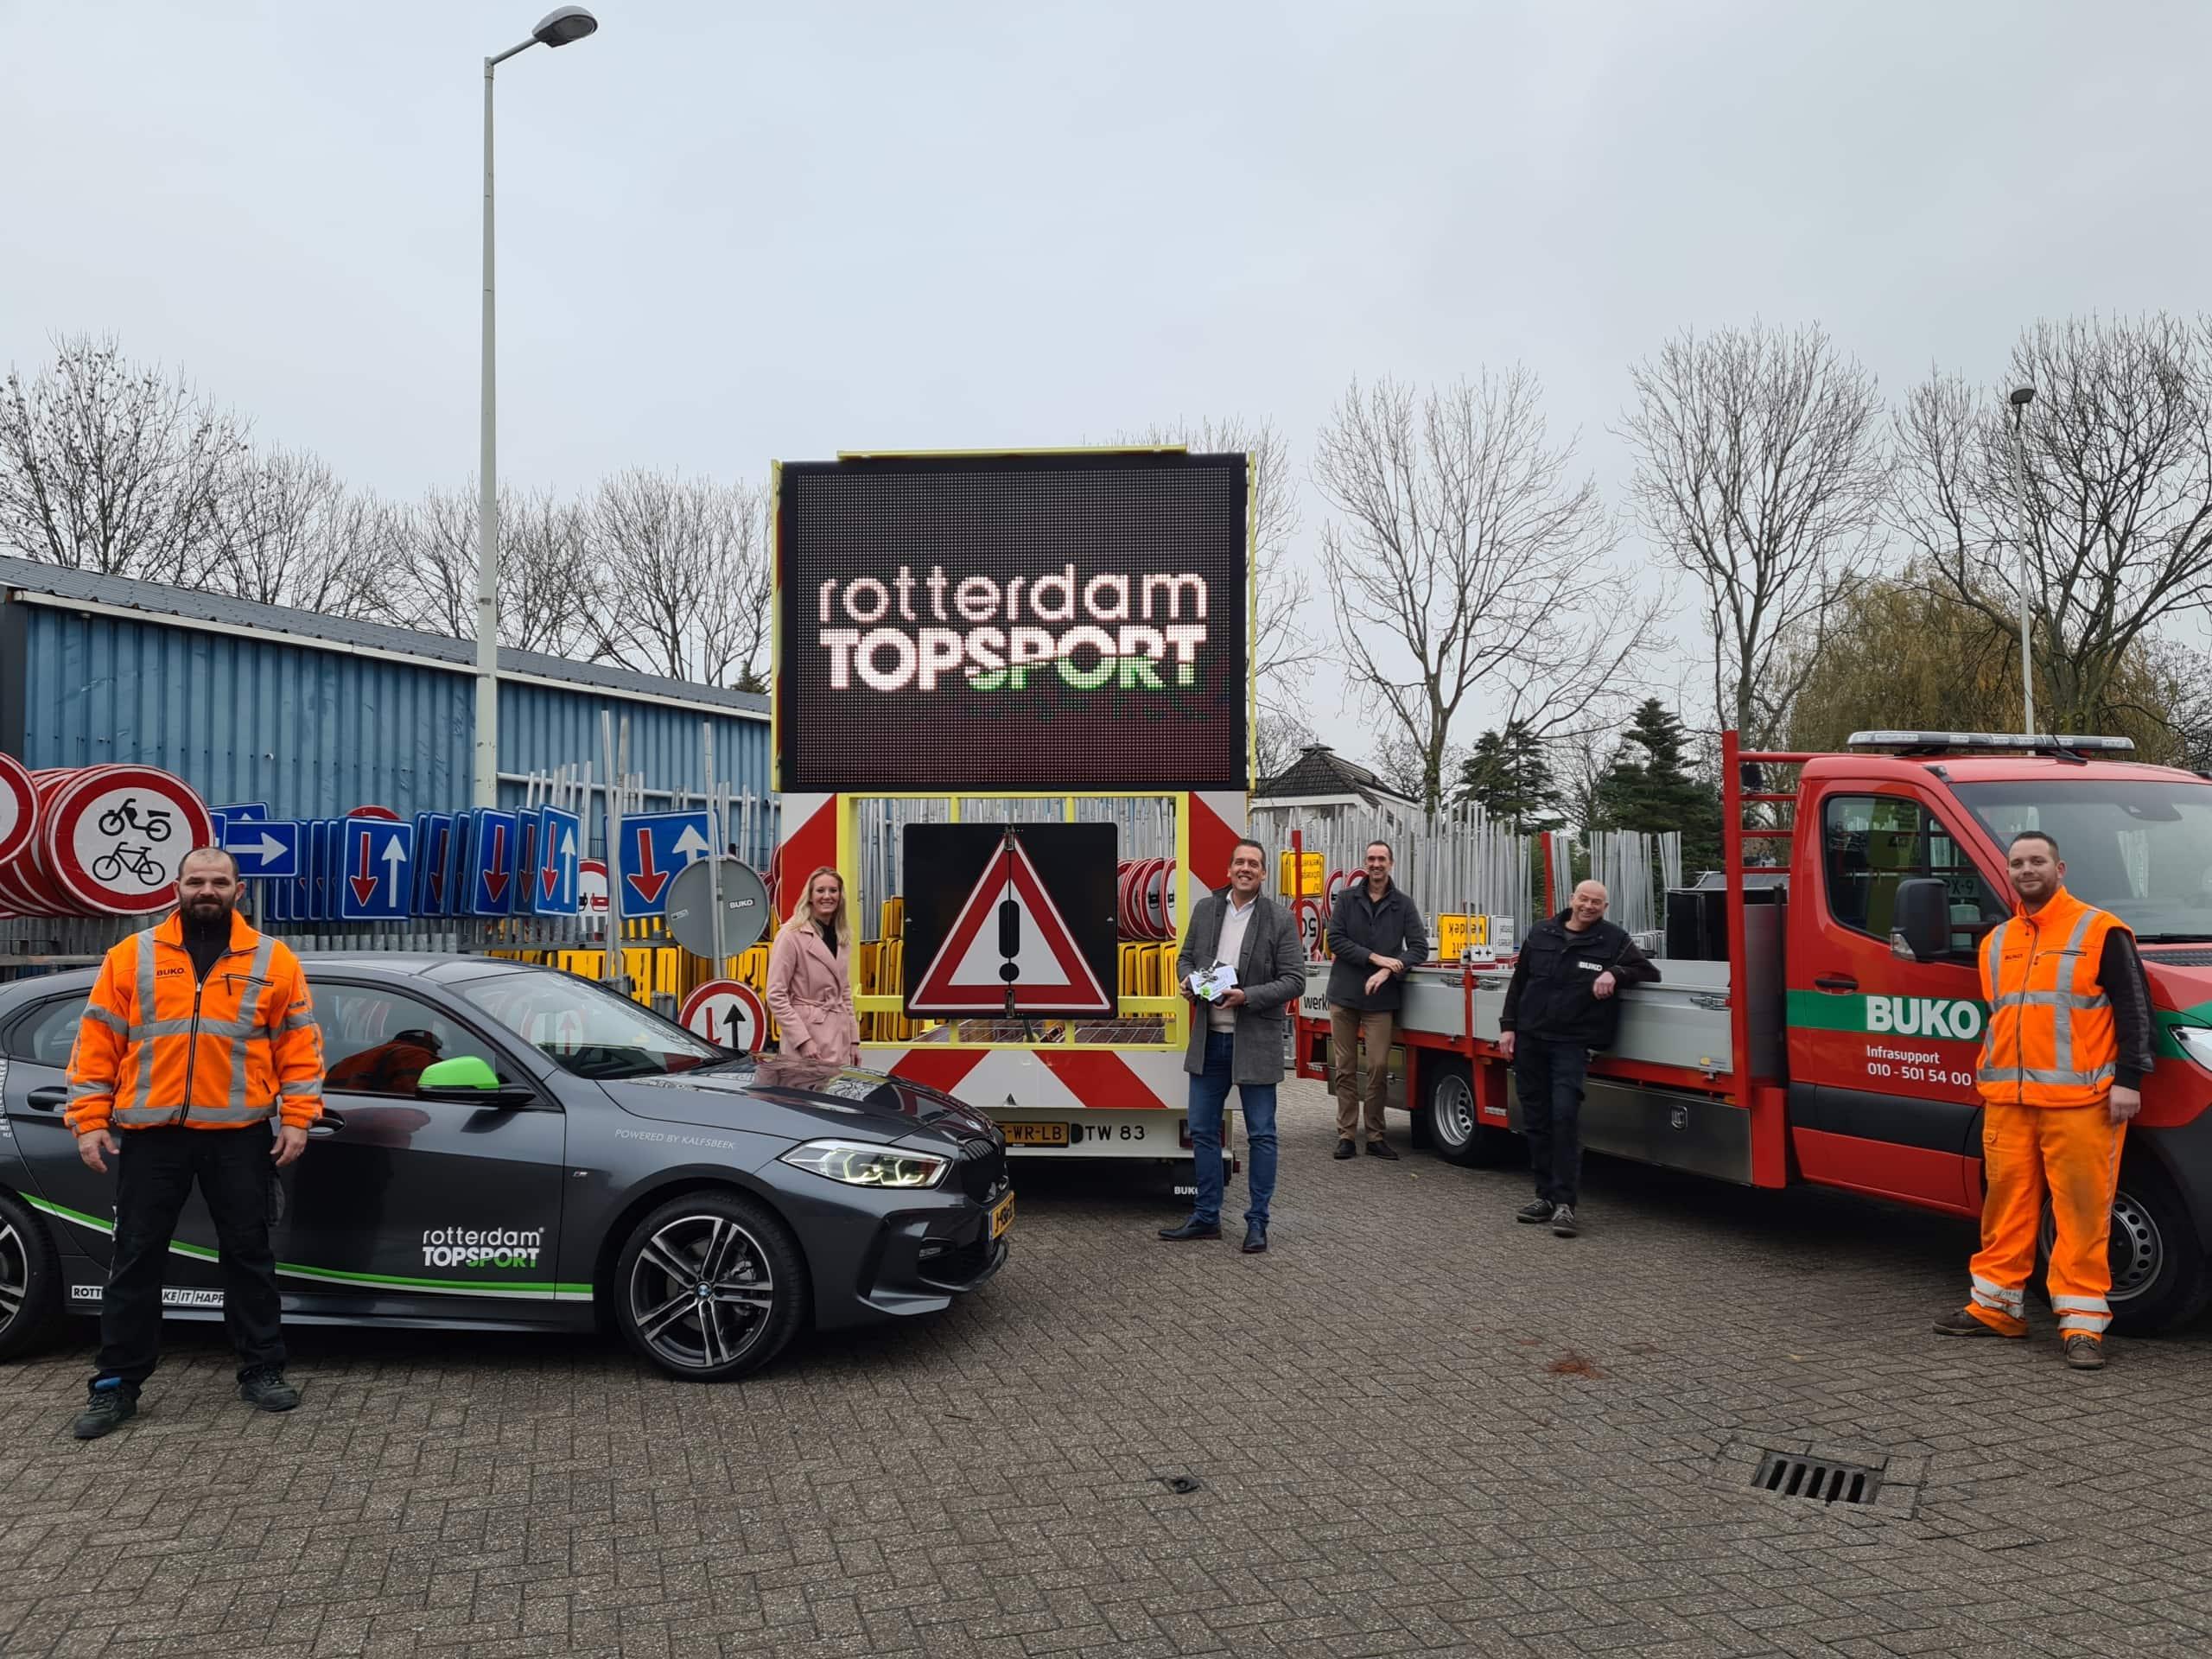 BUKO Infrasupport(er) van Rotterdam Topsport!